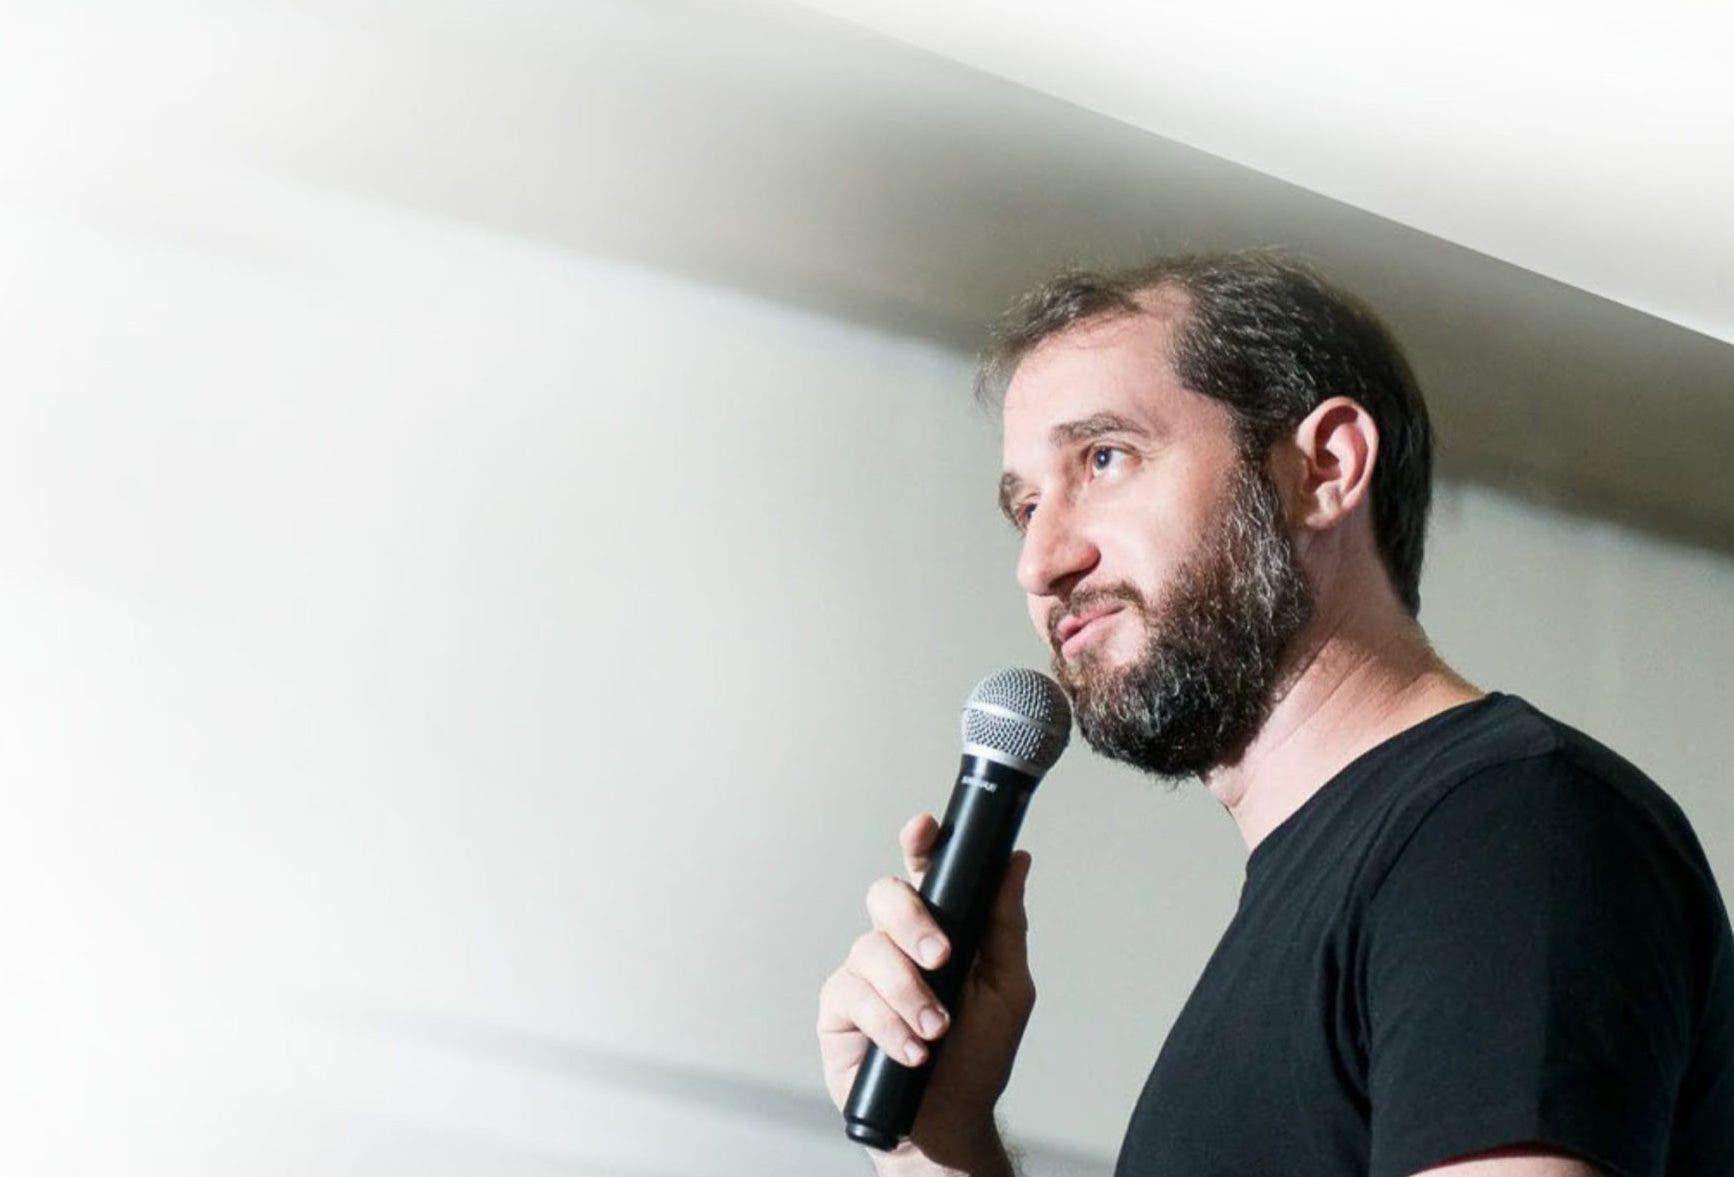 Carlos Sánchez destaca papel humoristas en la pandemia